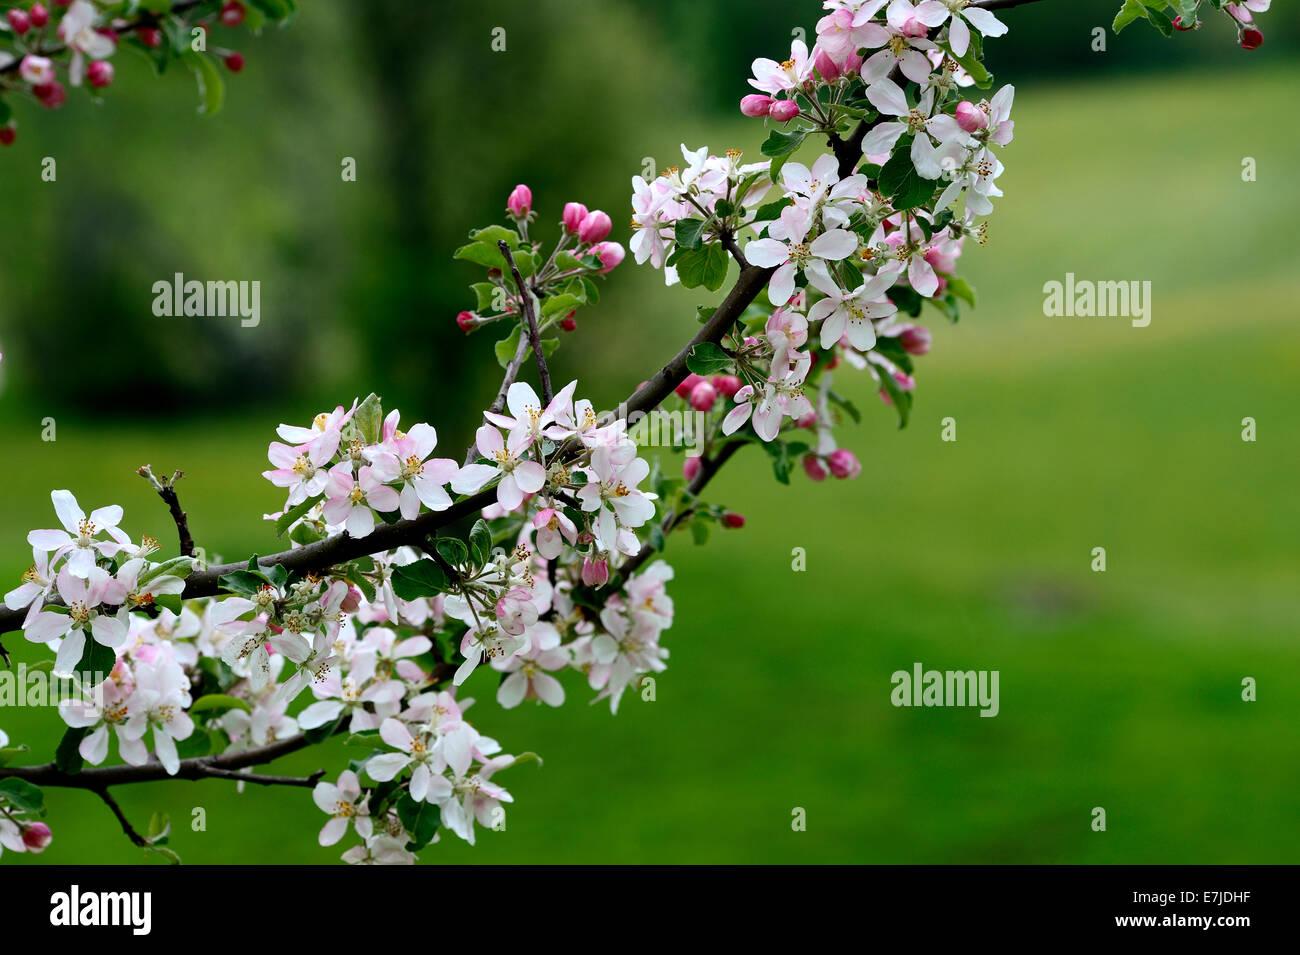 Flores, primavera, árboles en flor, flores, brotes tiernos, fruta, flores, pétalos, Alemania, Europa, Imagen De Stock